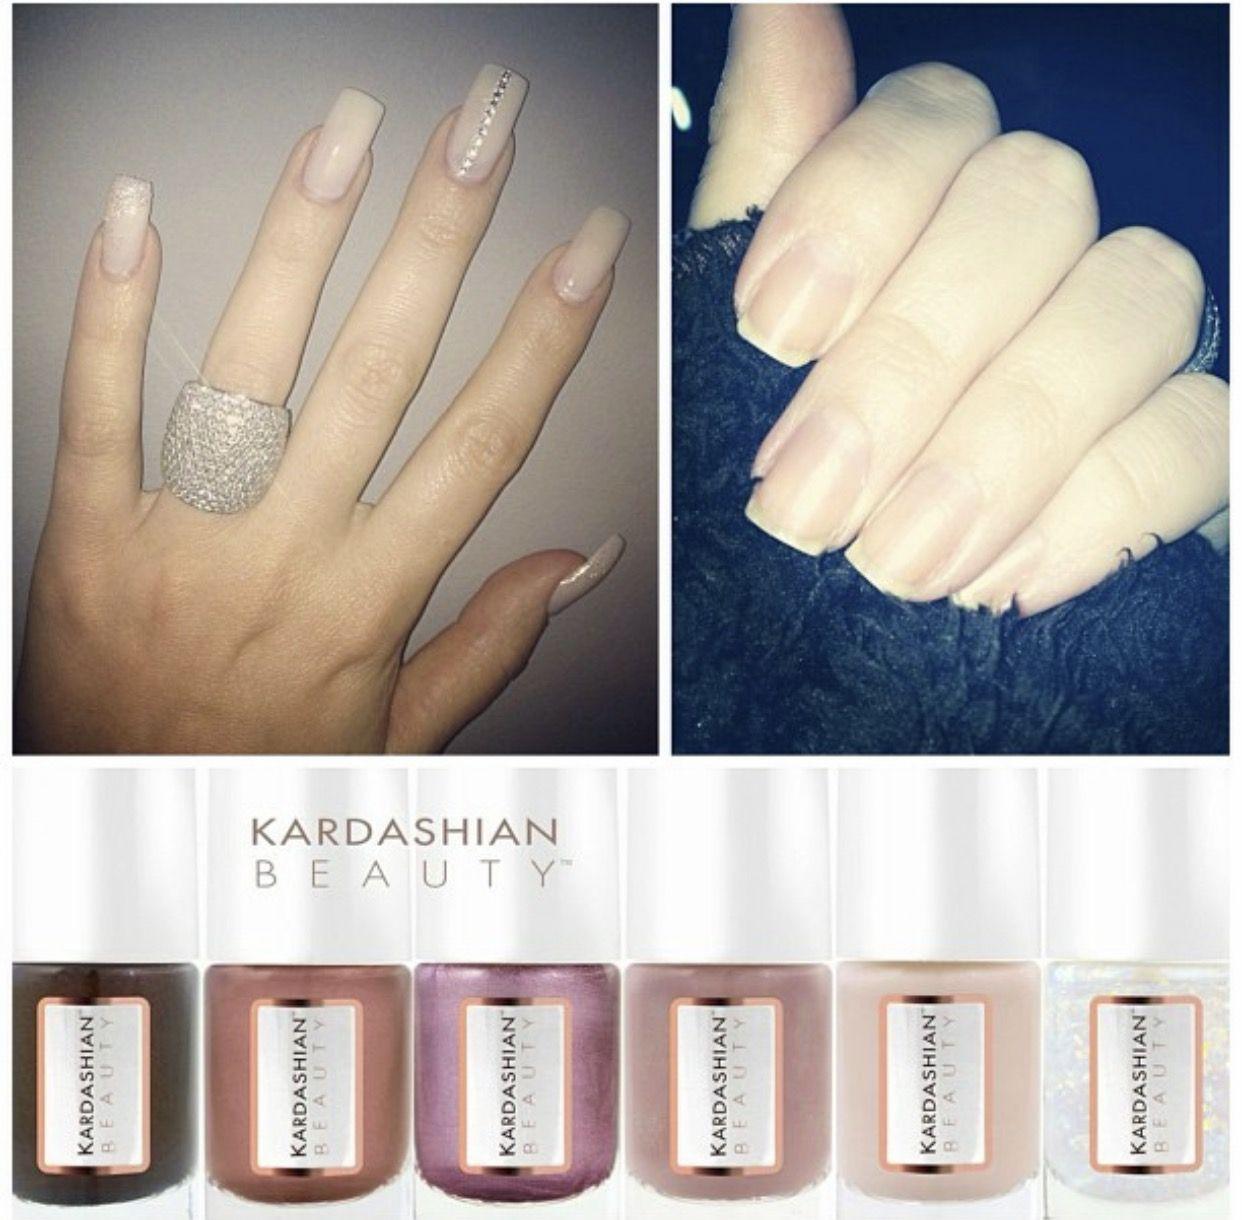 khloekardashian: Nude nails always a DO #cabanacollection ...